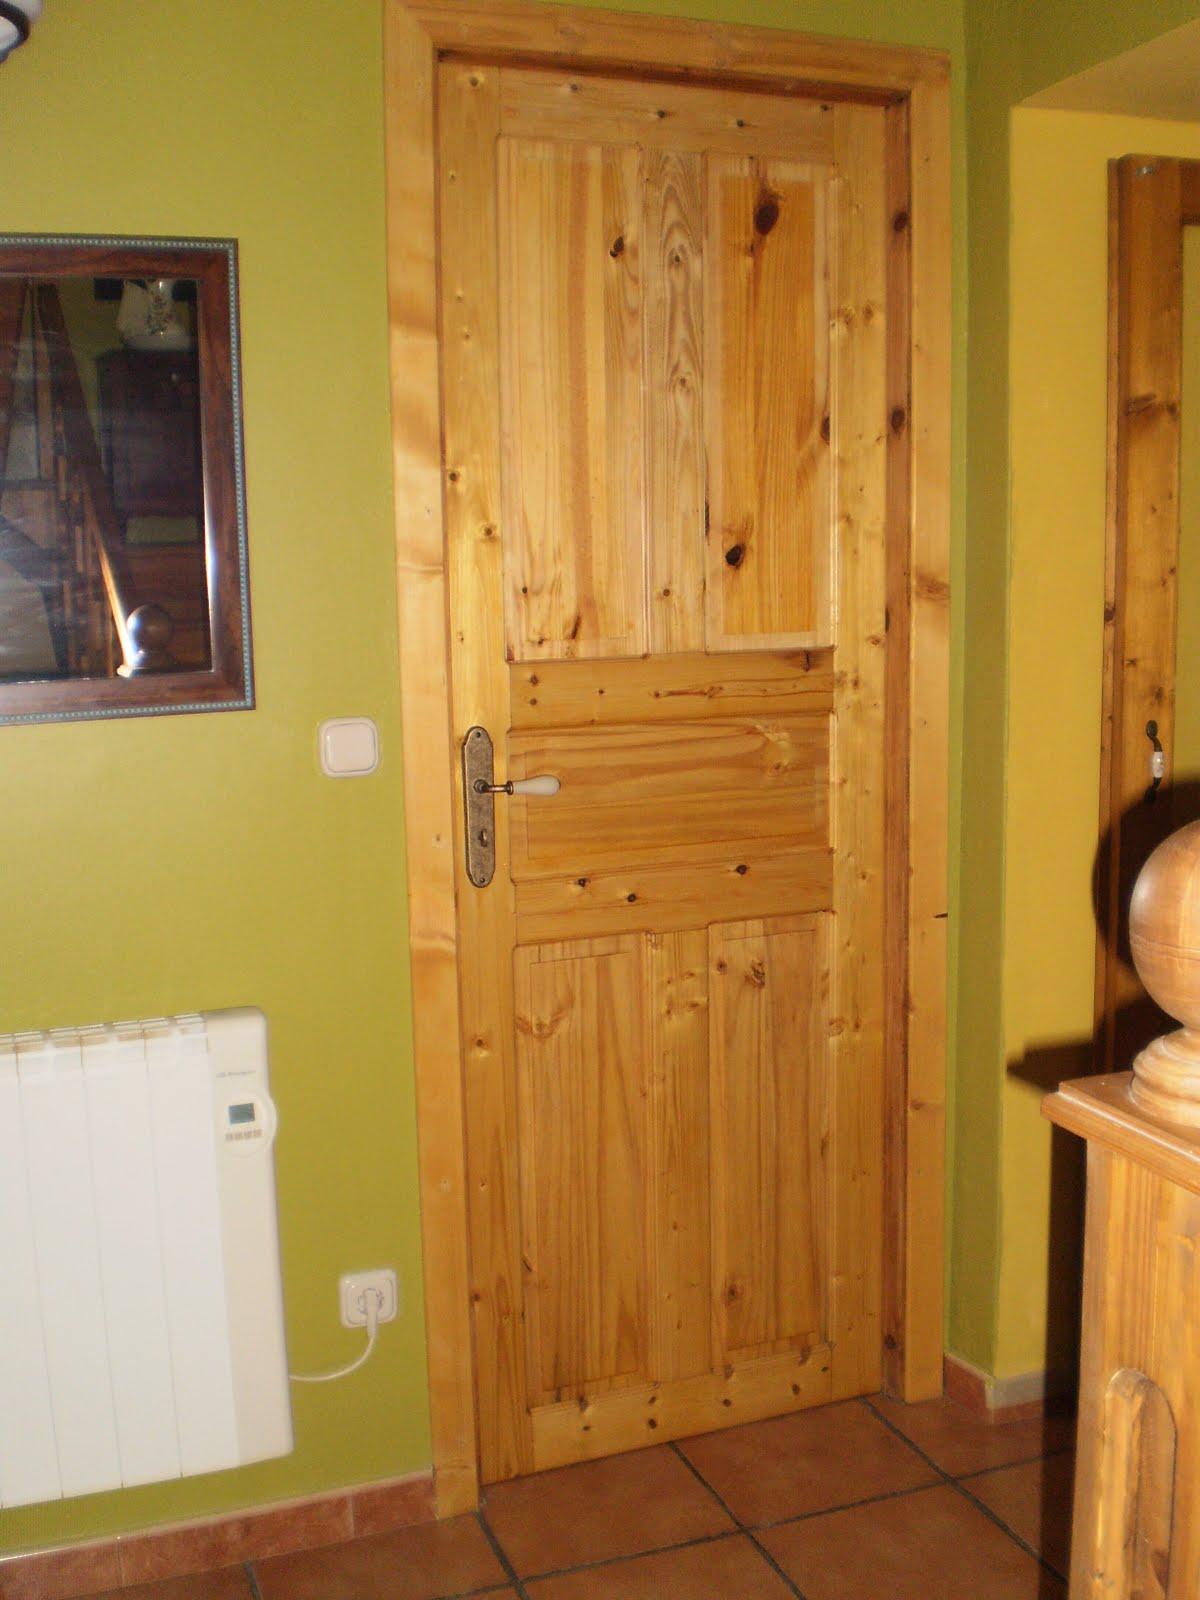 Madera puerta interior en madera de pino - Puertas de pino ...